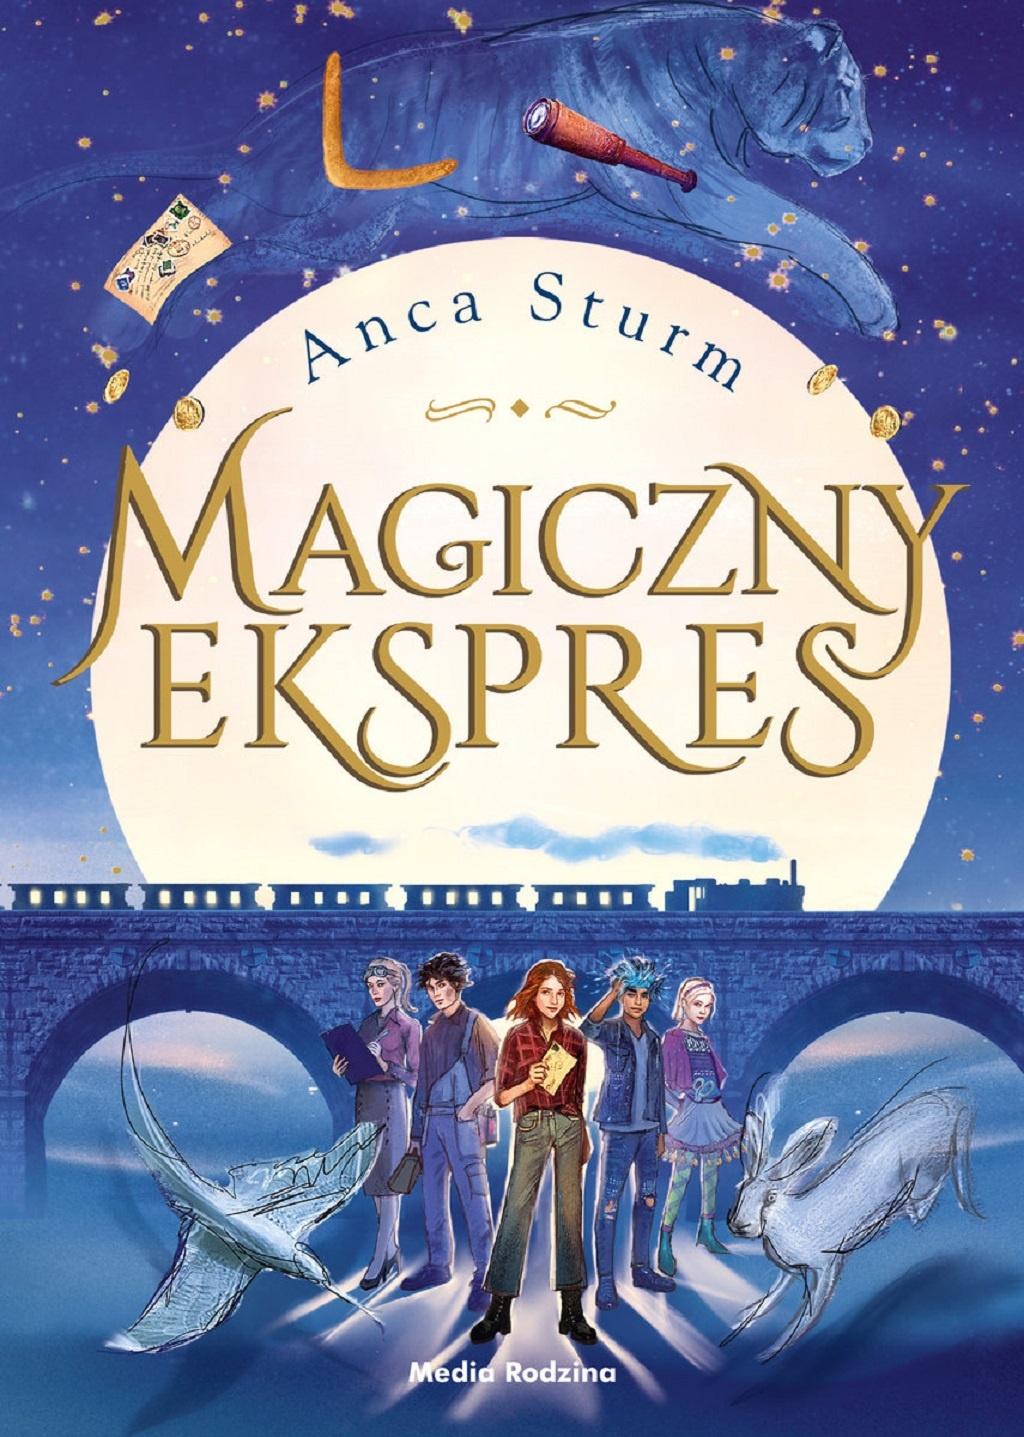 Anca Sturm – Magiczny ekspres